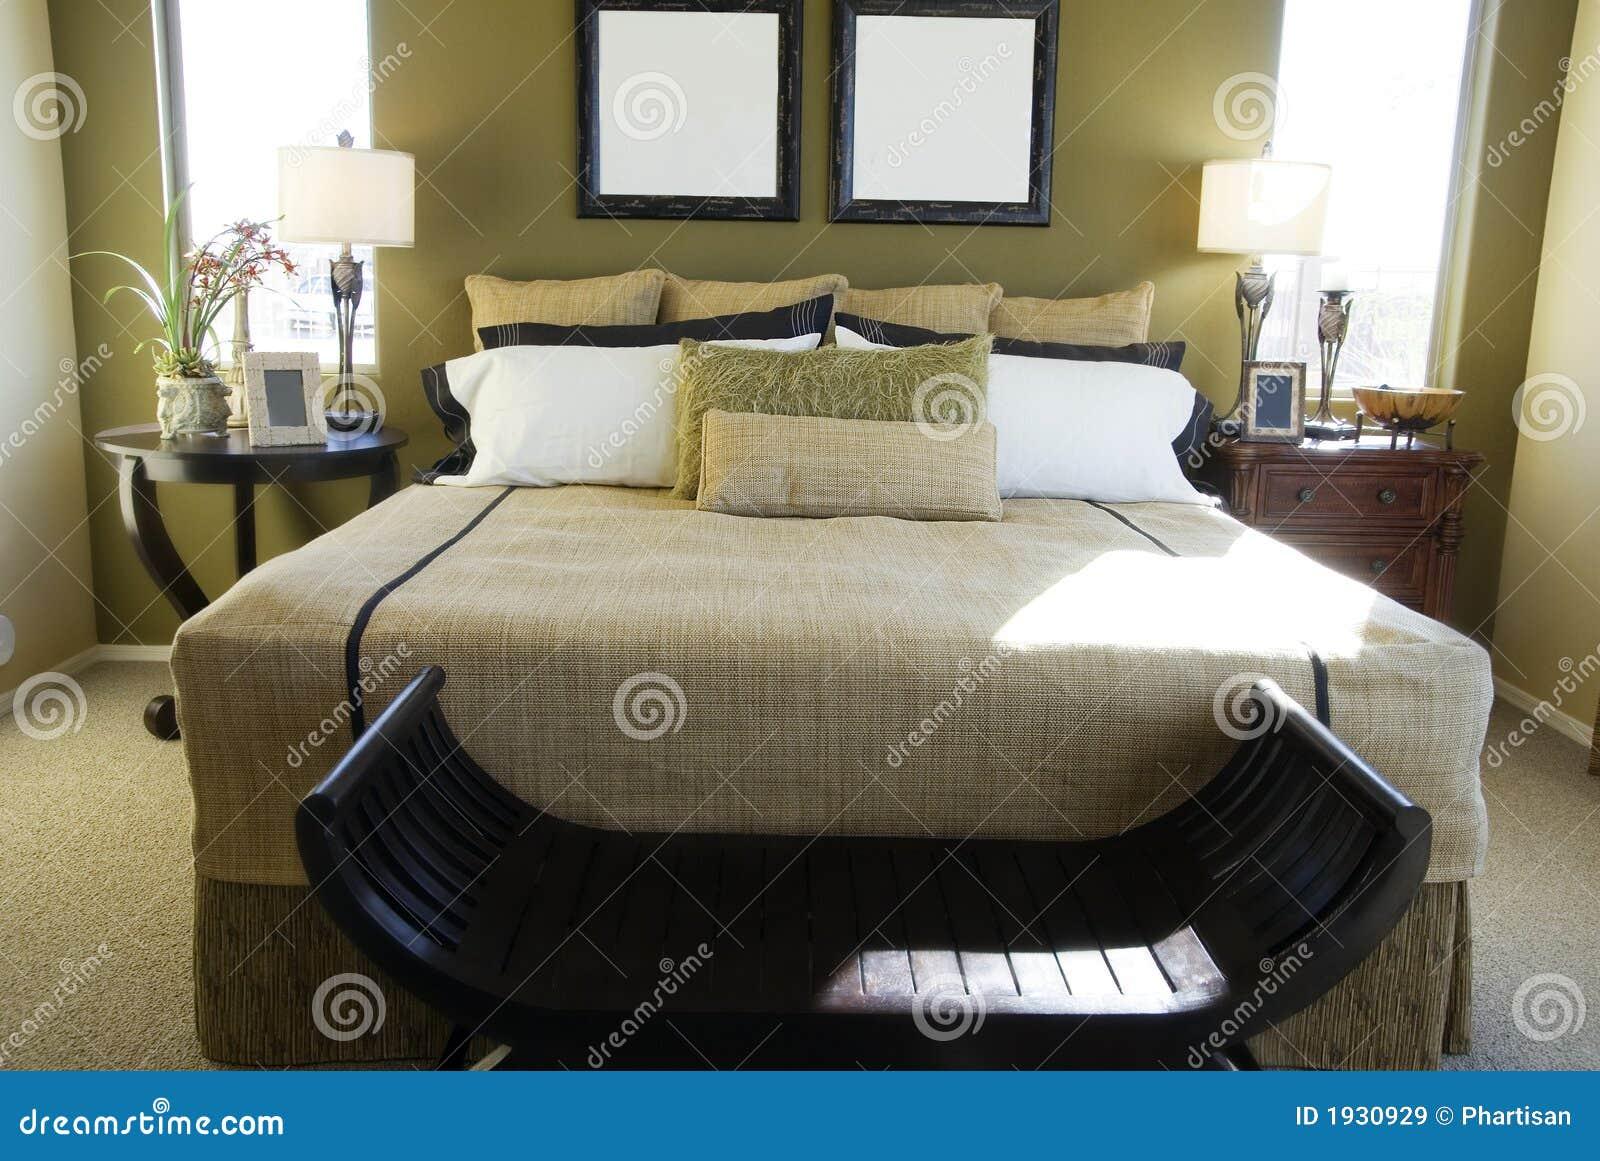 De Moderne Slaapkamer Van De Luxe Stock Afbeelding - Afbeelding ...